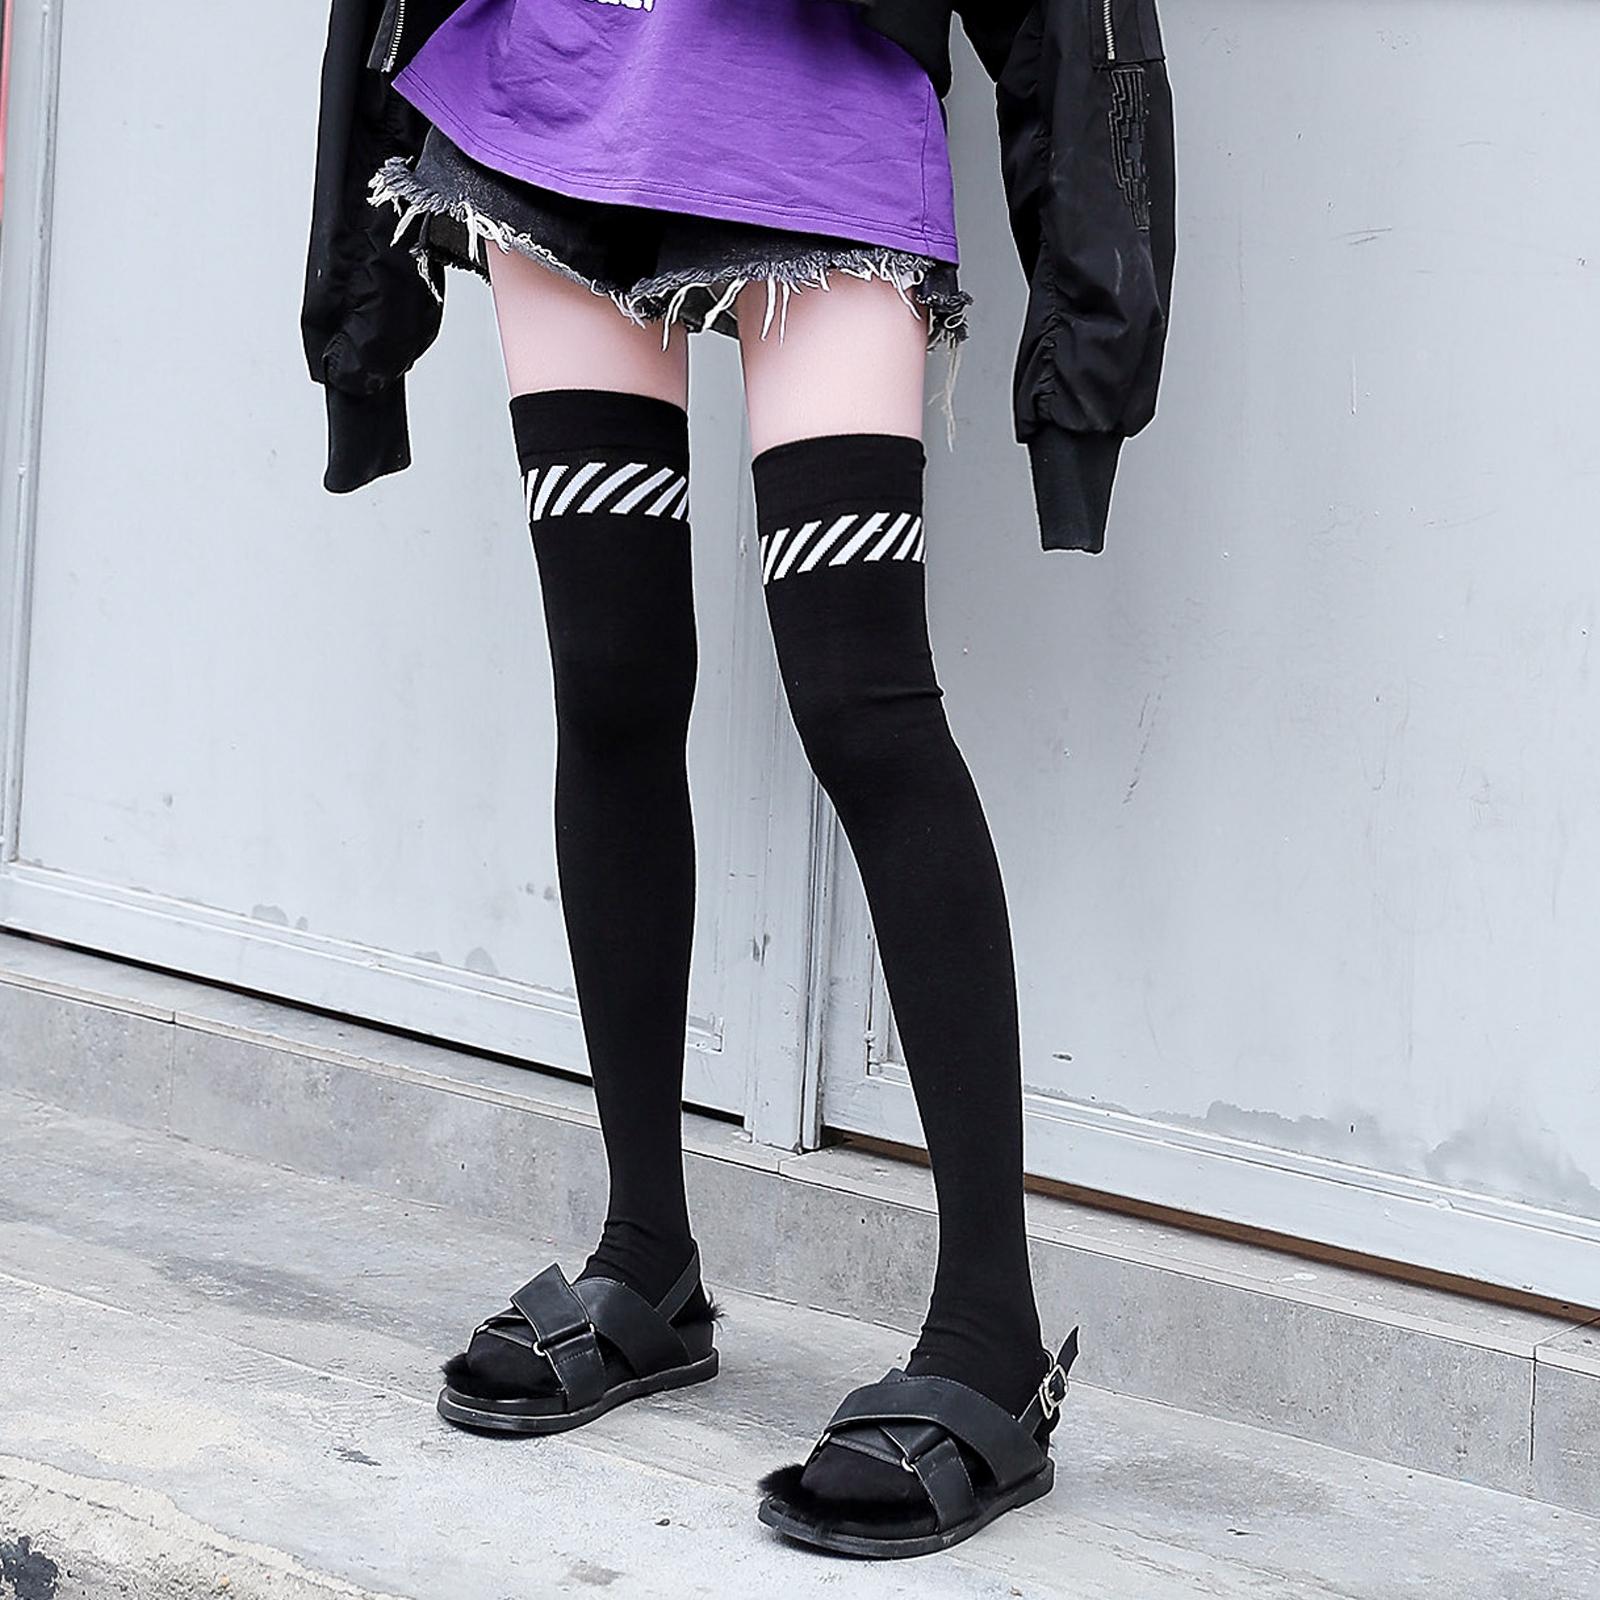 高筒袜女韩国ins潮过膝袜瘦腿日系jk条纹大腿袜黑色秋冬长筒袜子 - 封面